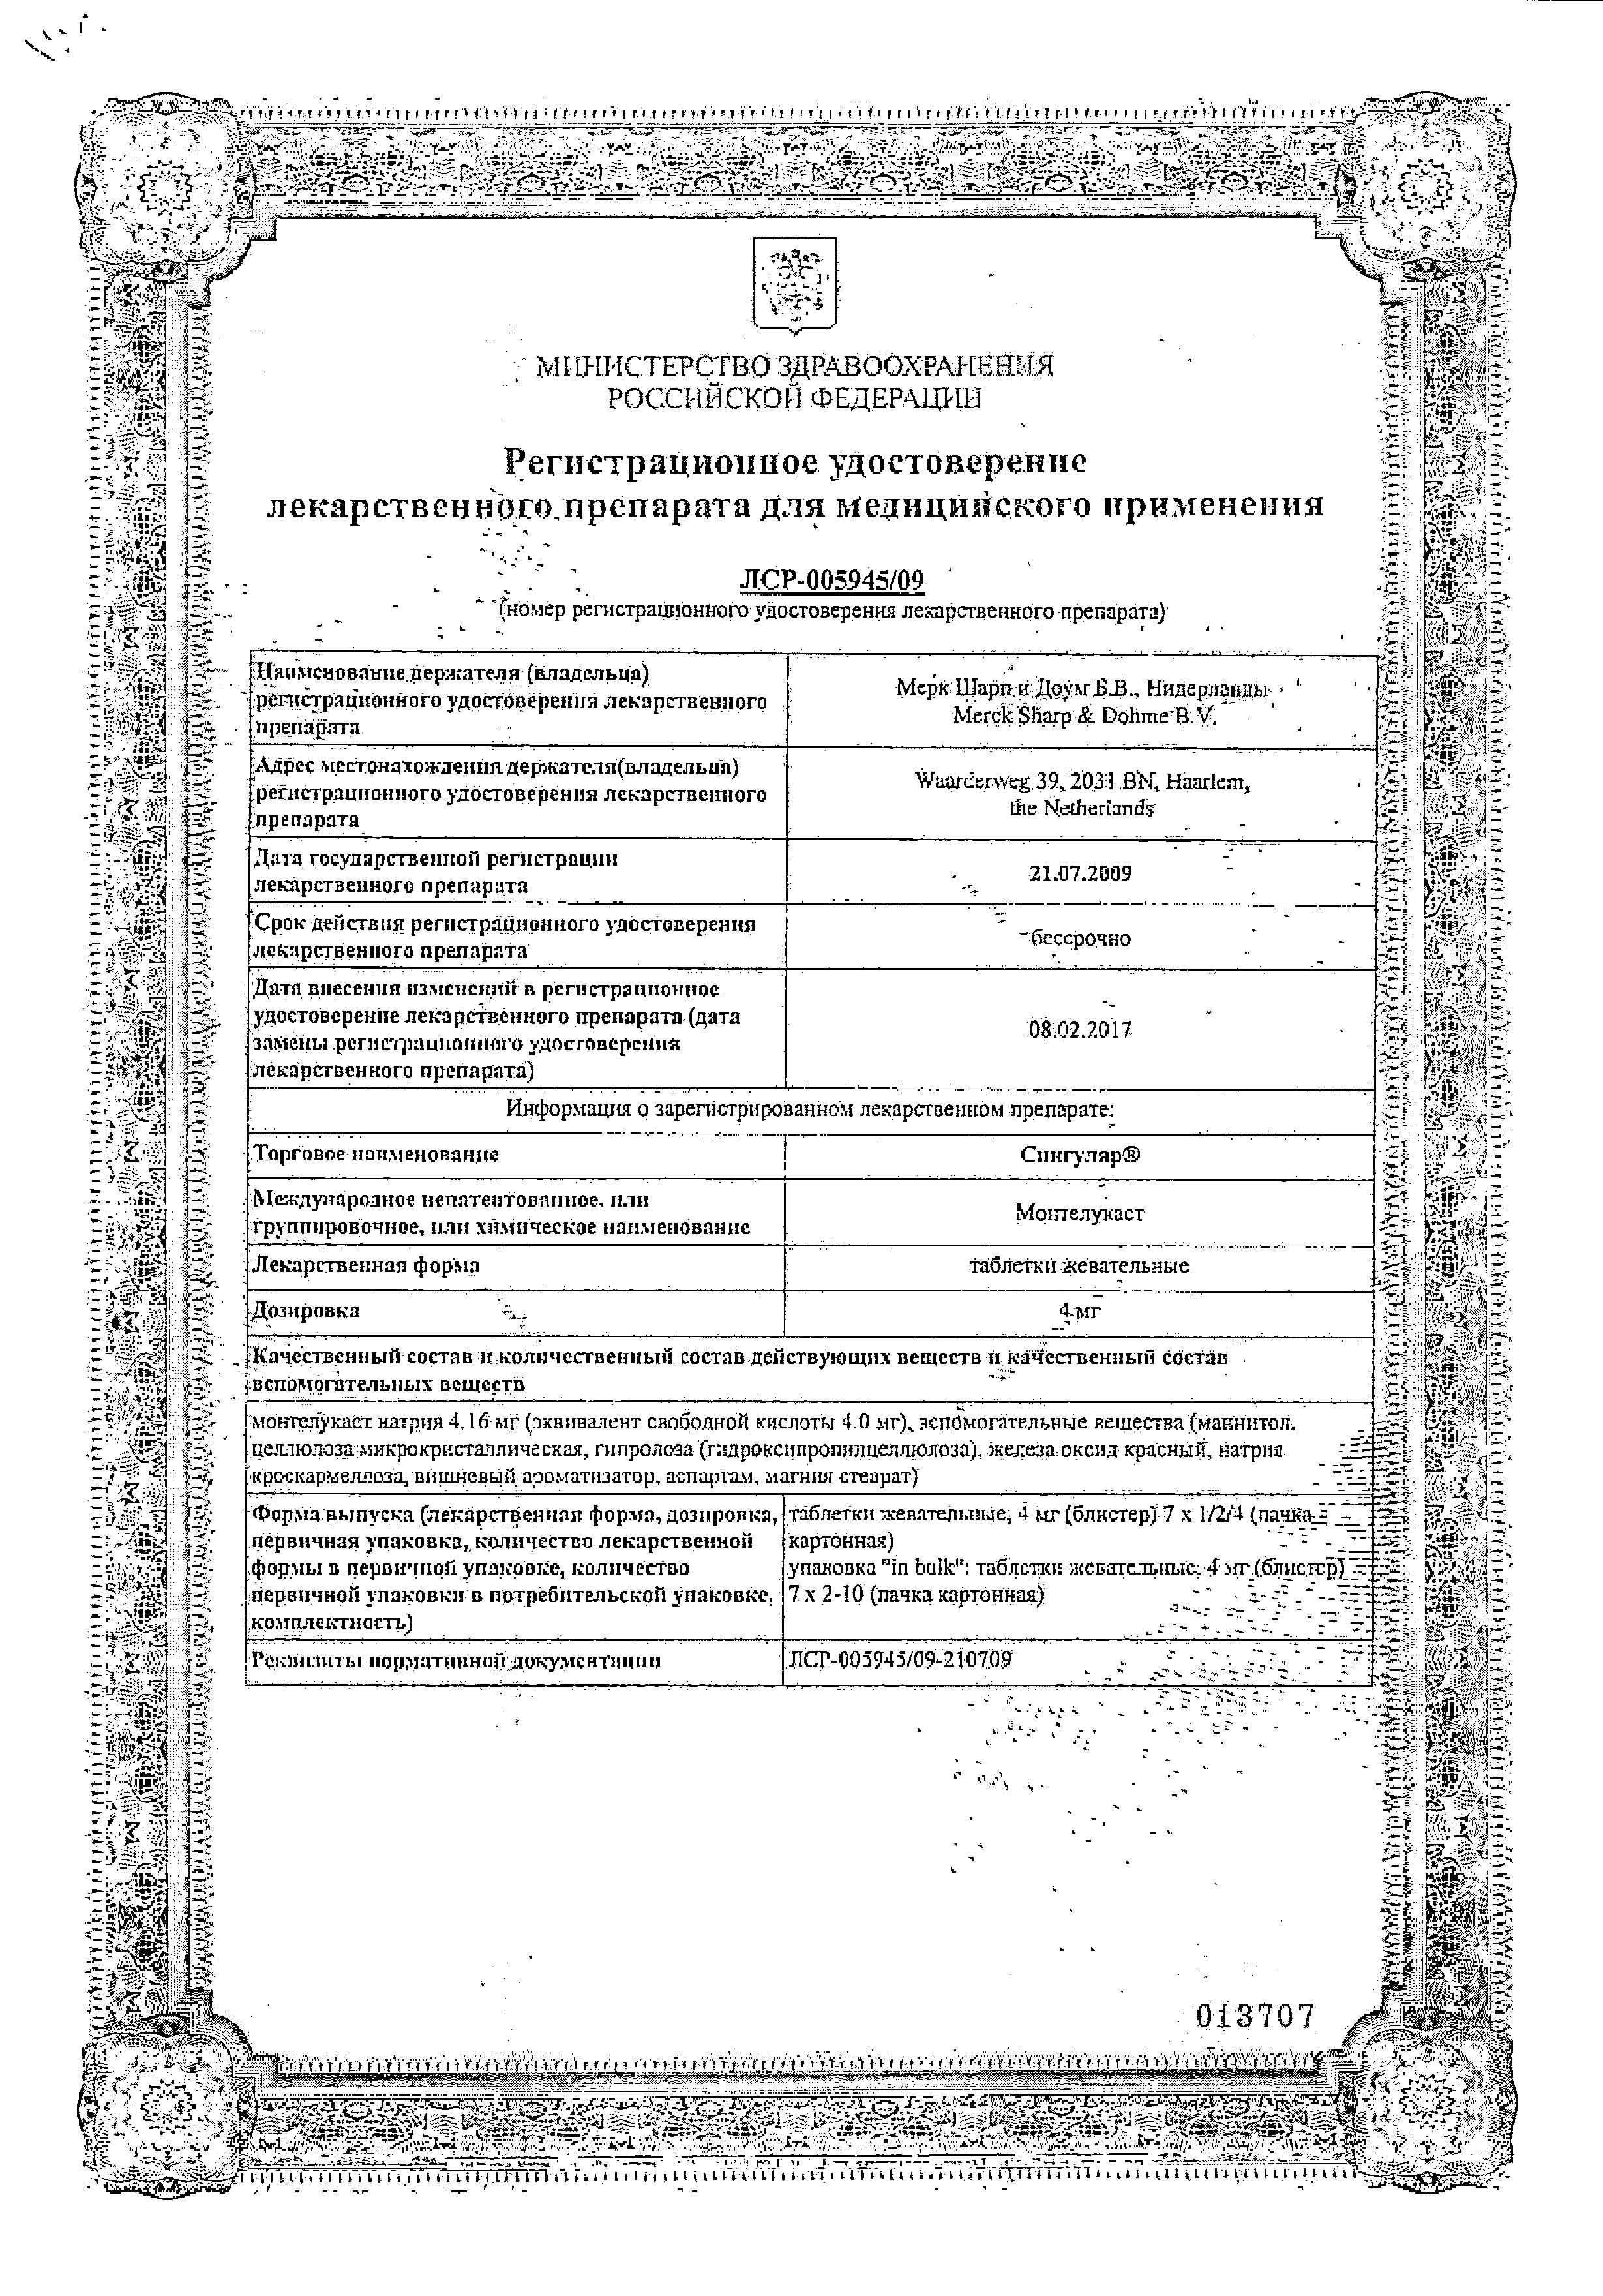 Сингуляр сертификат